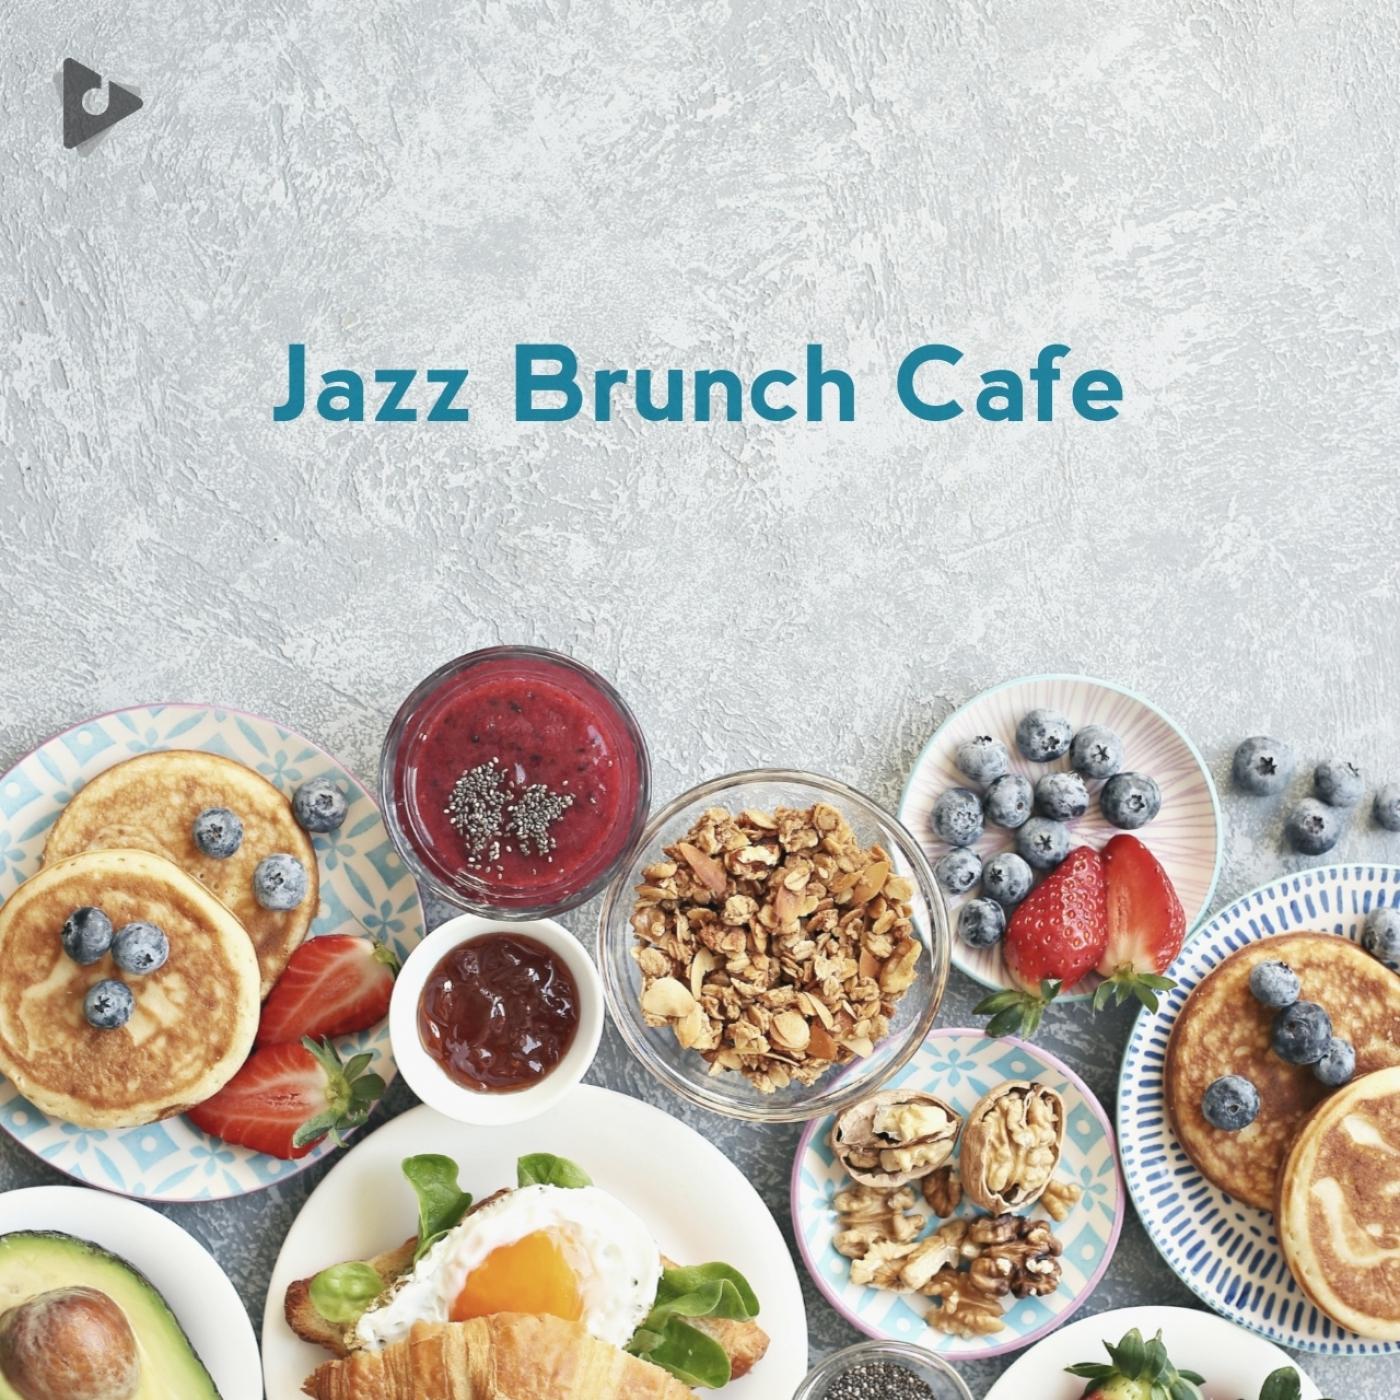 Jazz Brunch Cafe